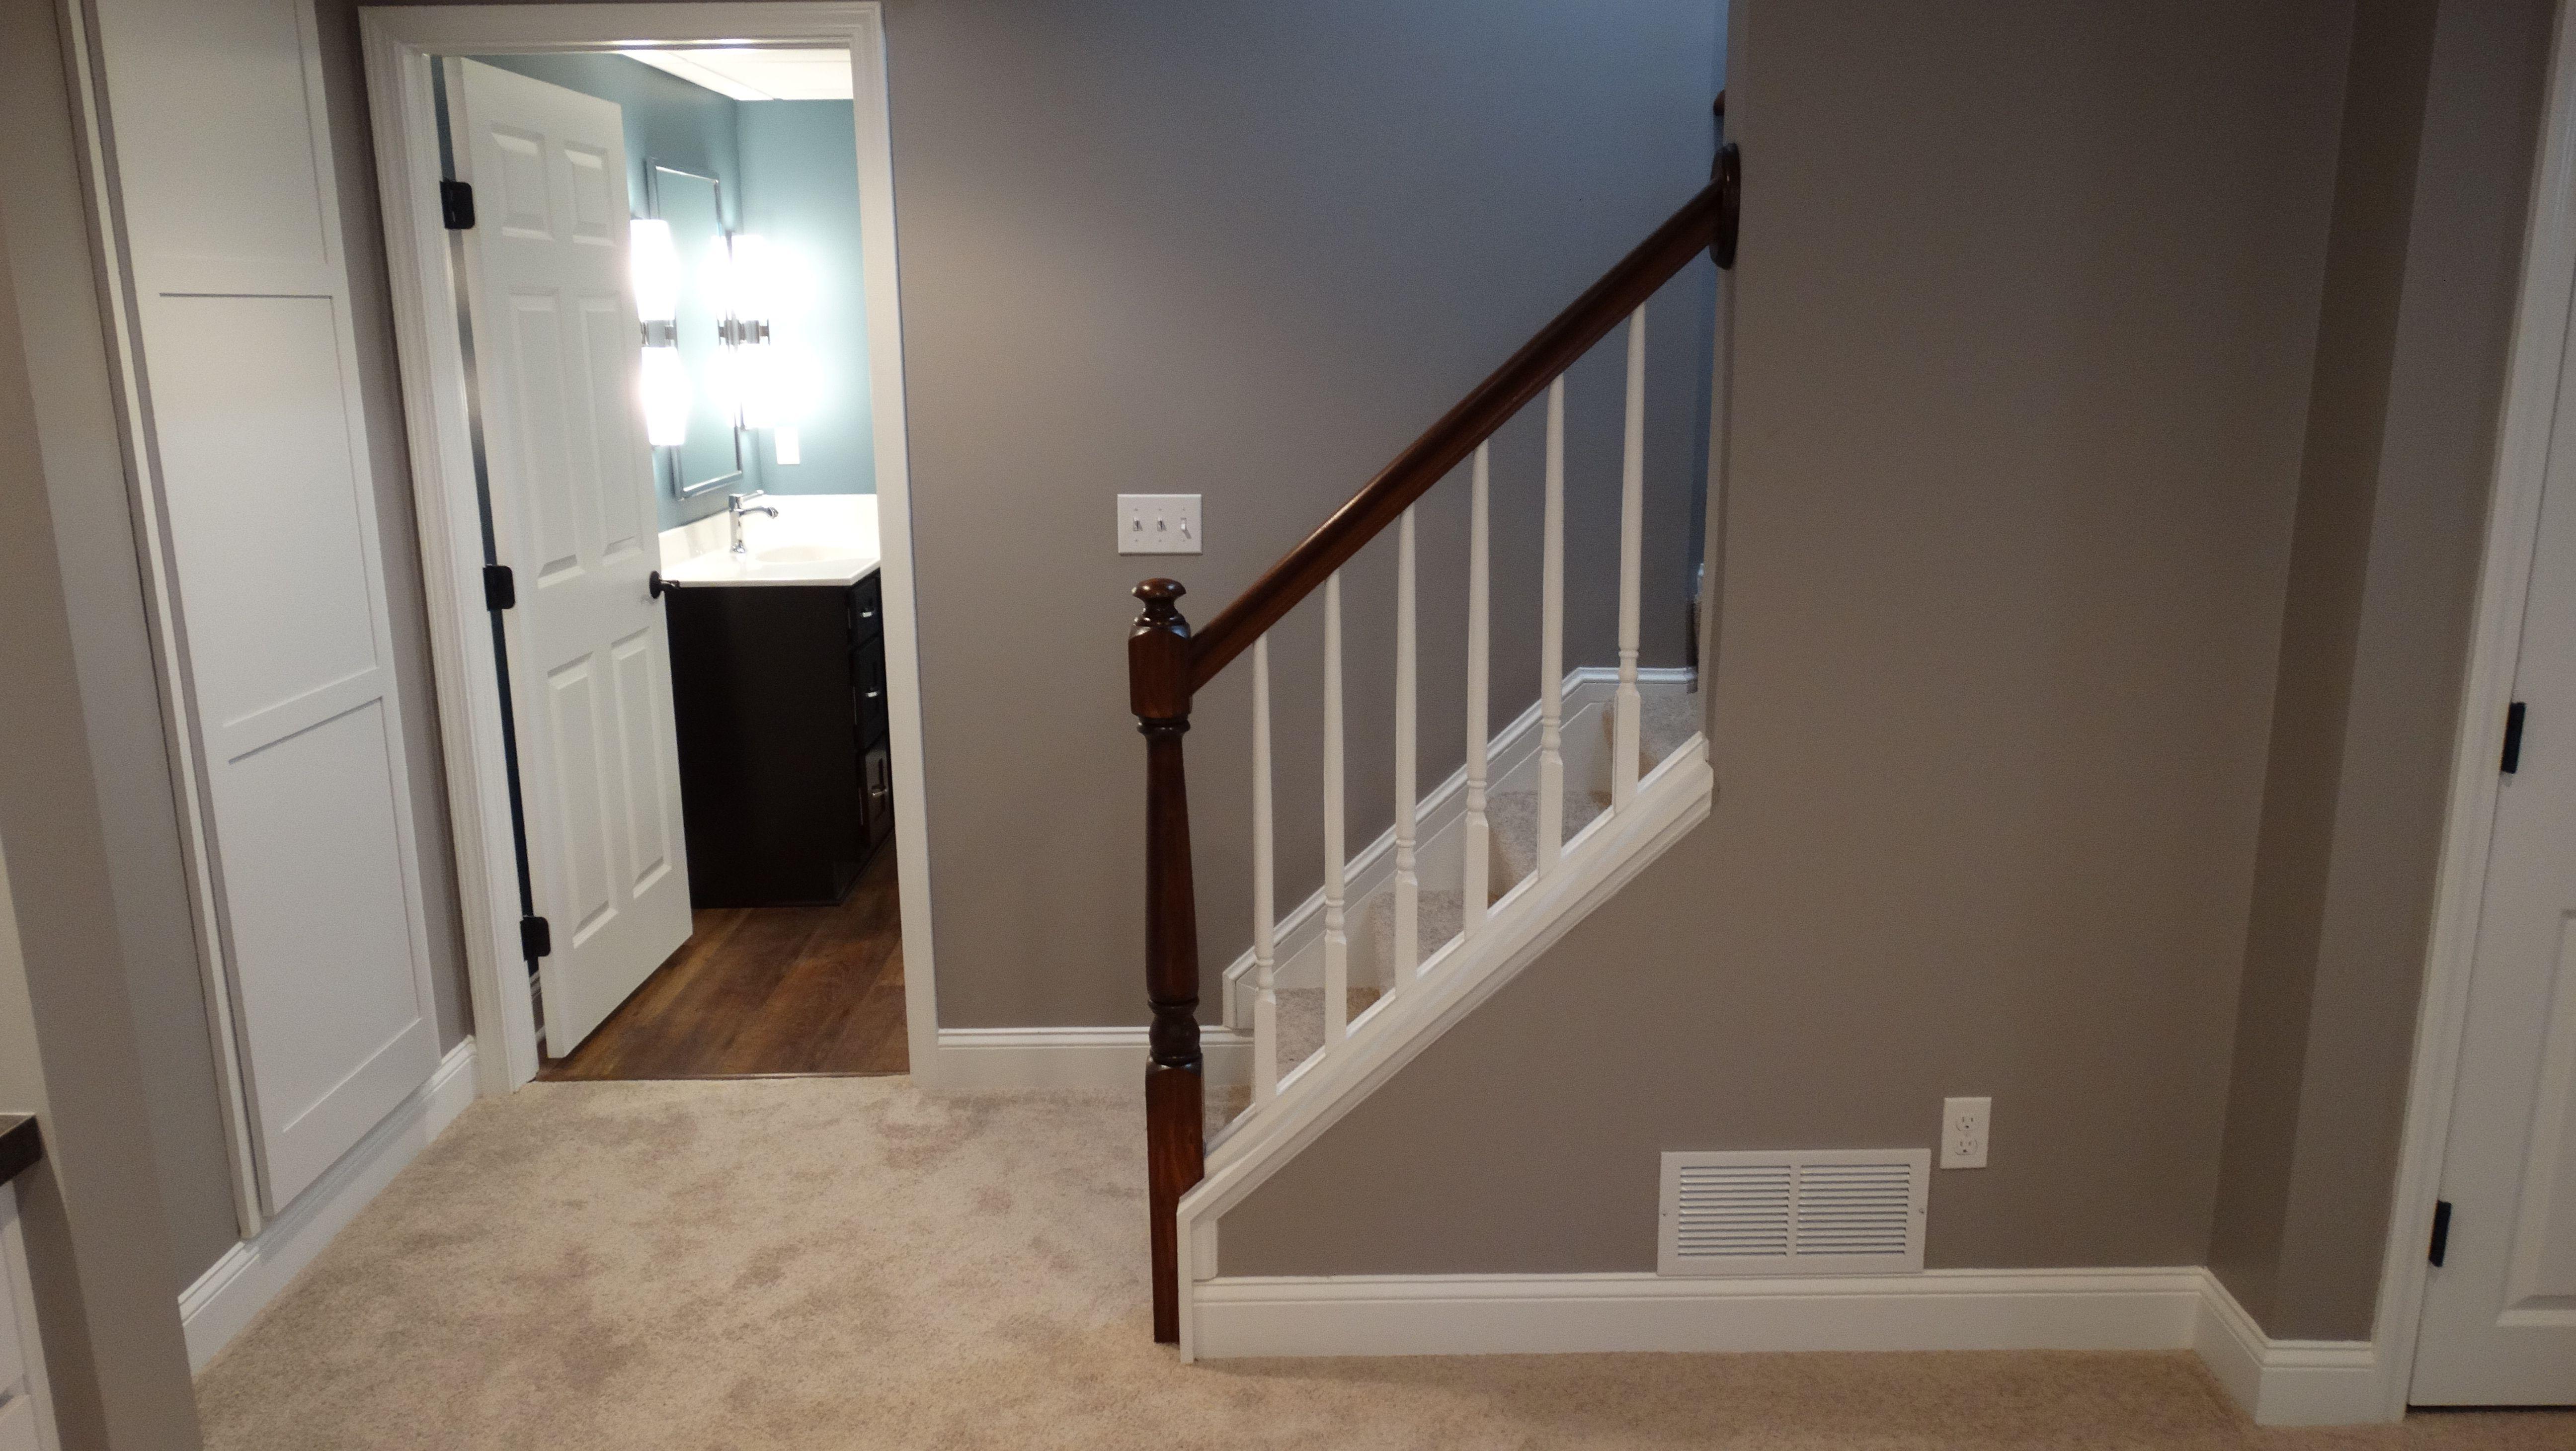 #Basement Finish  #basementremodel #remodel #remodeling #cle #after #designbuild #basementideas